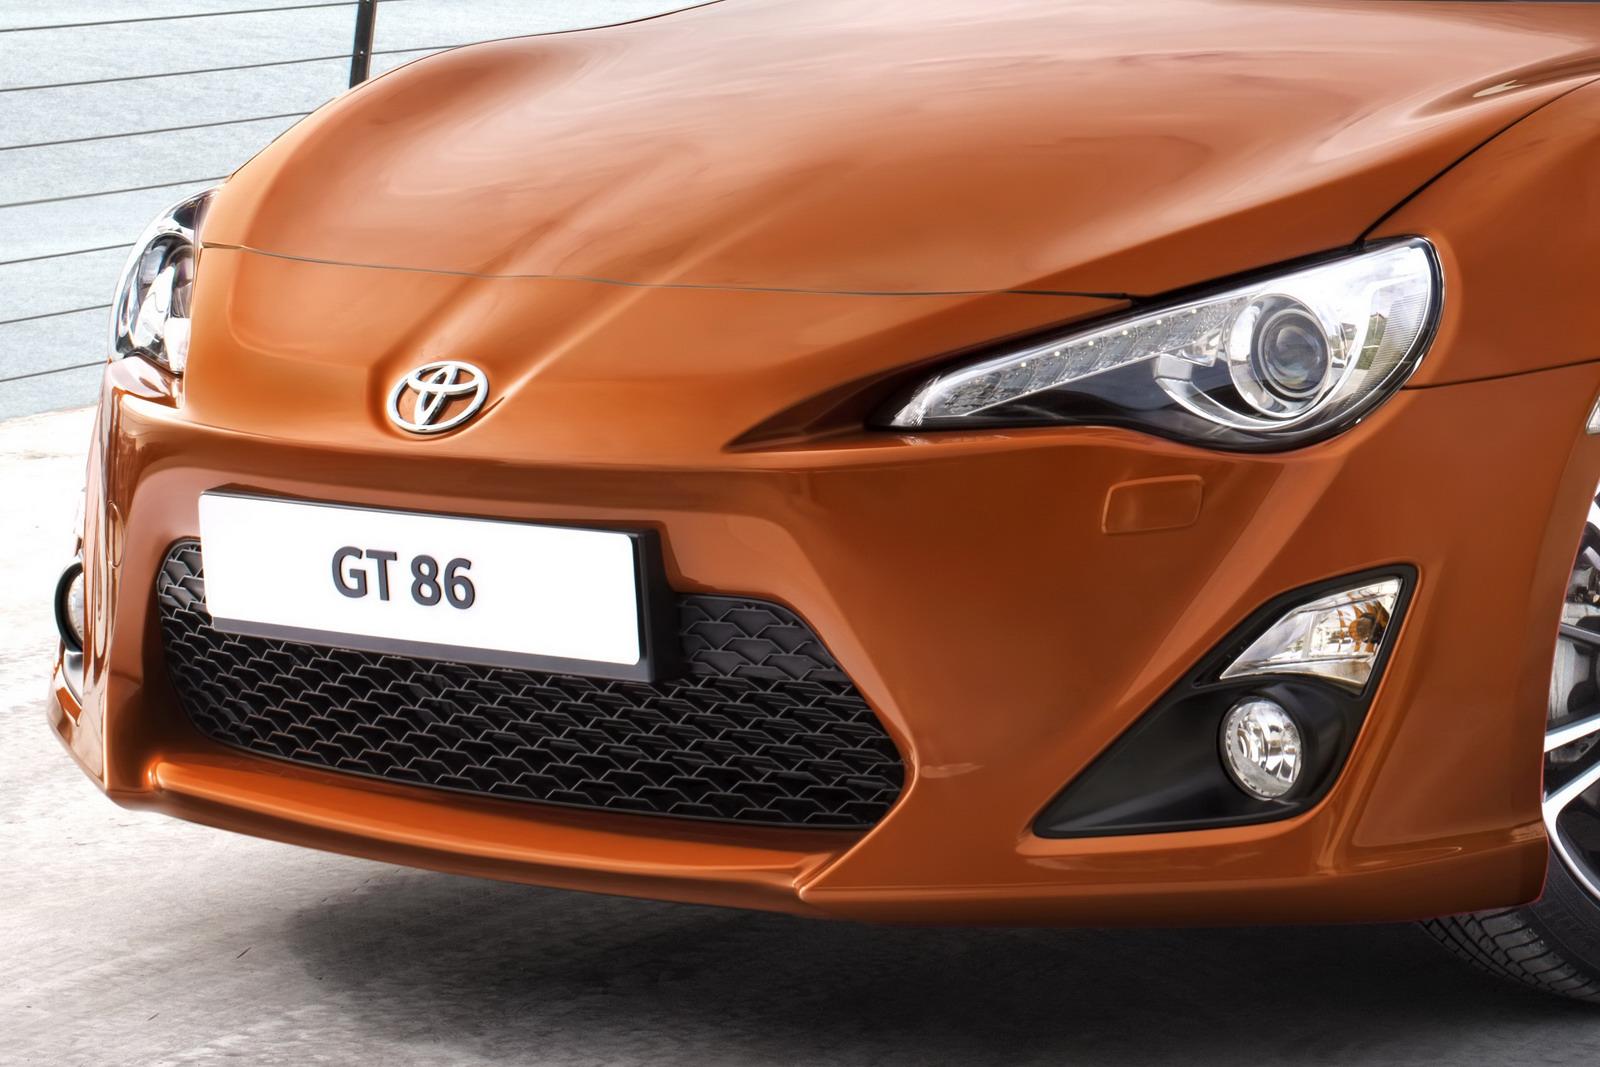 https://2.bp.blogspot.com/-9dyP7ku462g/UAbrgP9v_qI/AAAAAAAAC88/lQWUeMzyStU/s1600/New_Toyota_GT_86_Front_HD_Wallpaper-CarWallBase.Blogspot.Com-.jpg